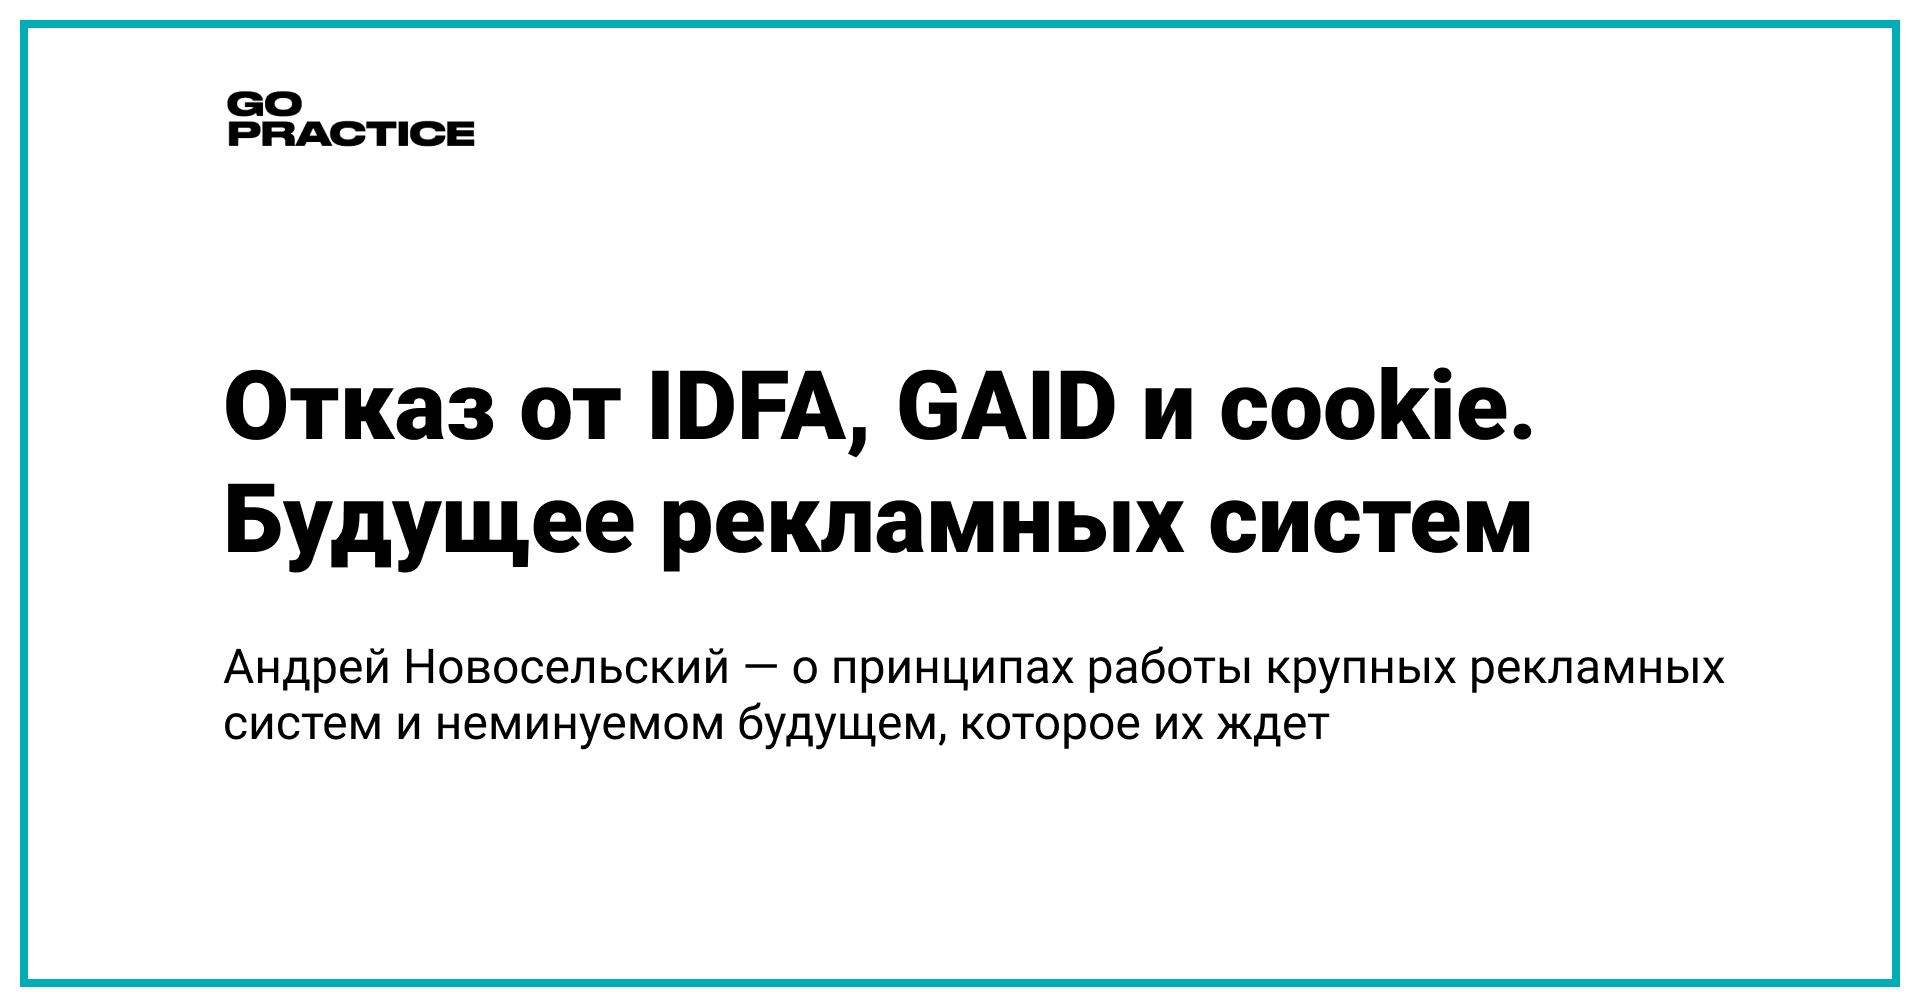 Отказ от IDFA, GAID и cookie. Неминуемое будущее рекламных систем